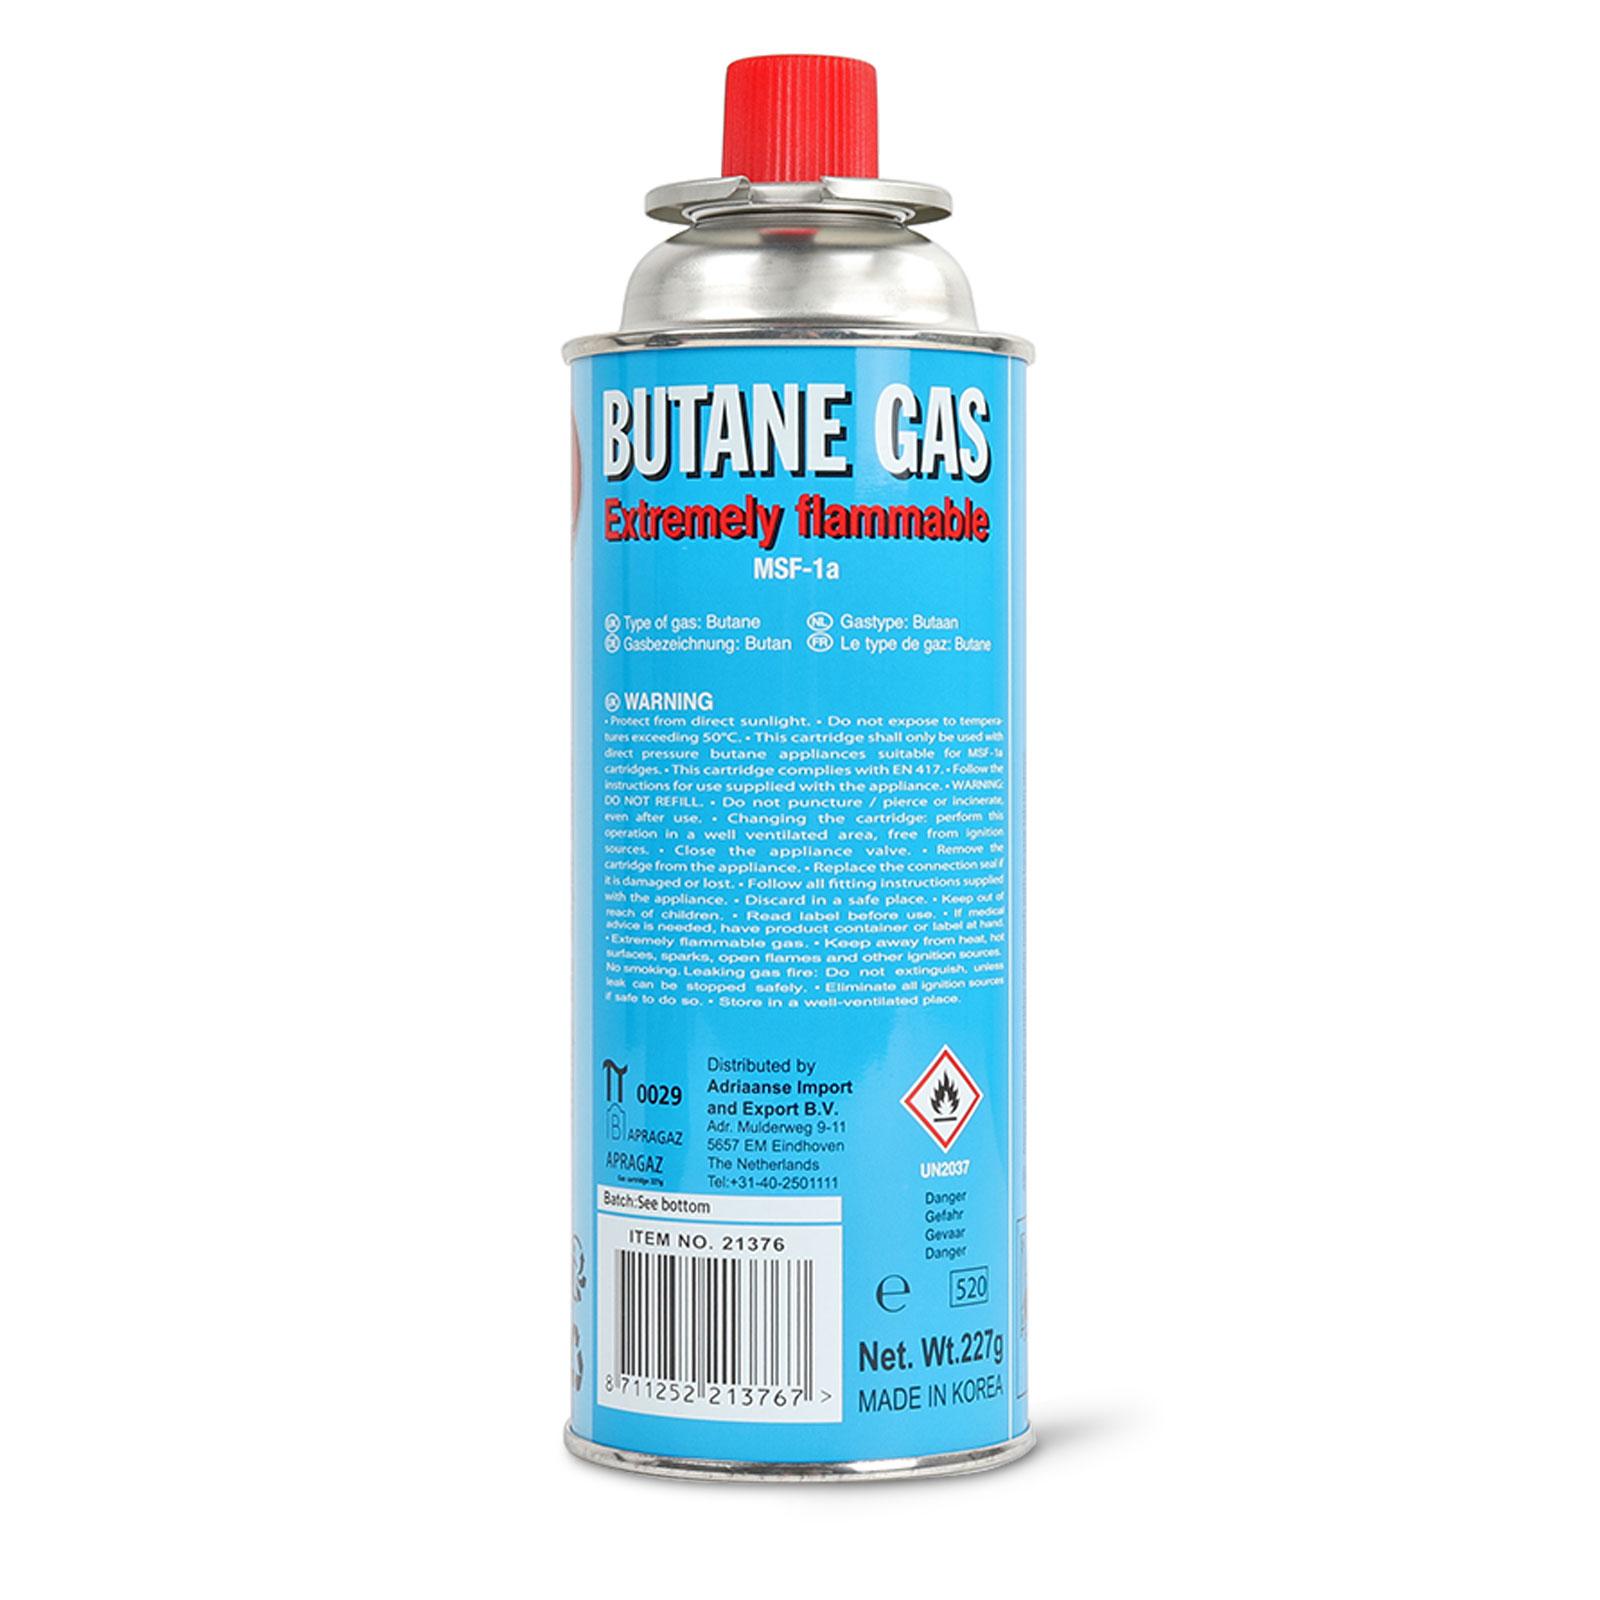 Butan Battery® Gaskartusche 220 Gramm für Camping Kartuschenkocher und Grills